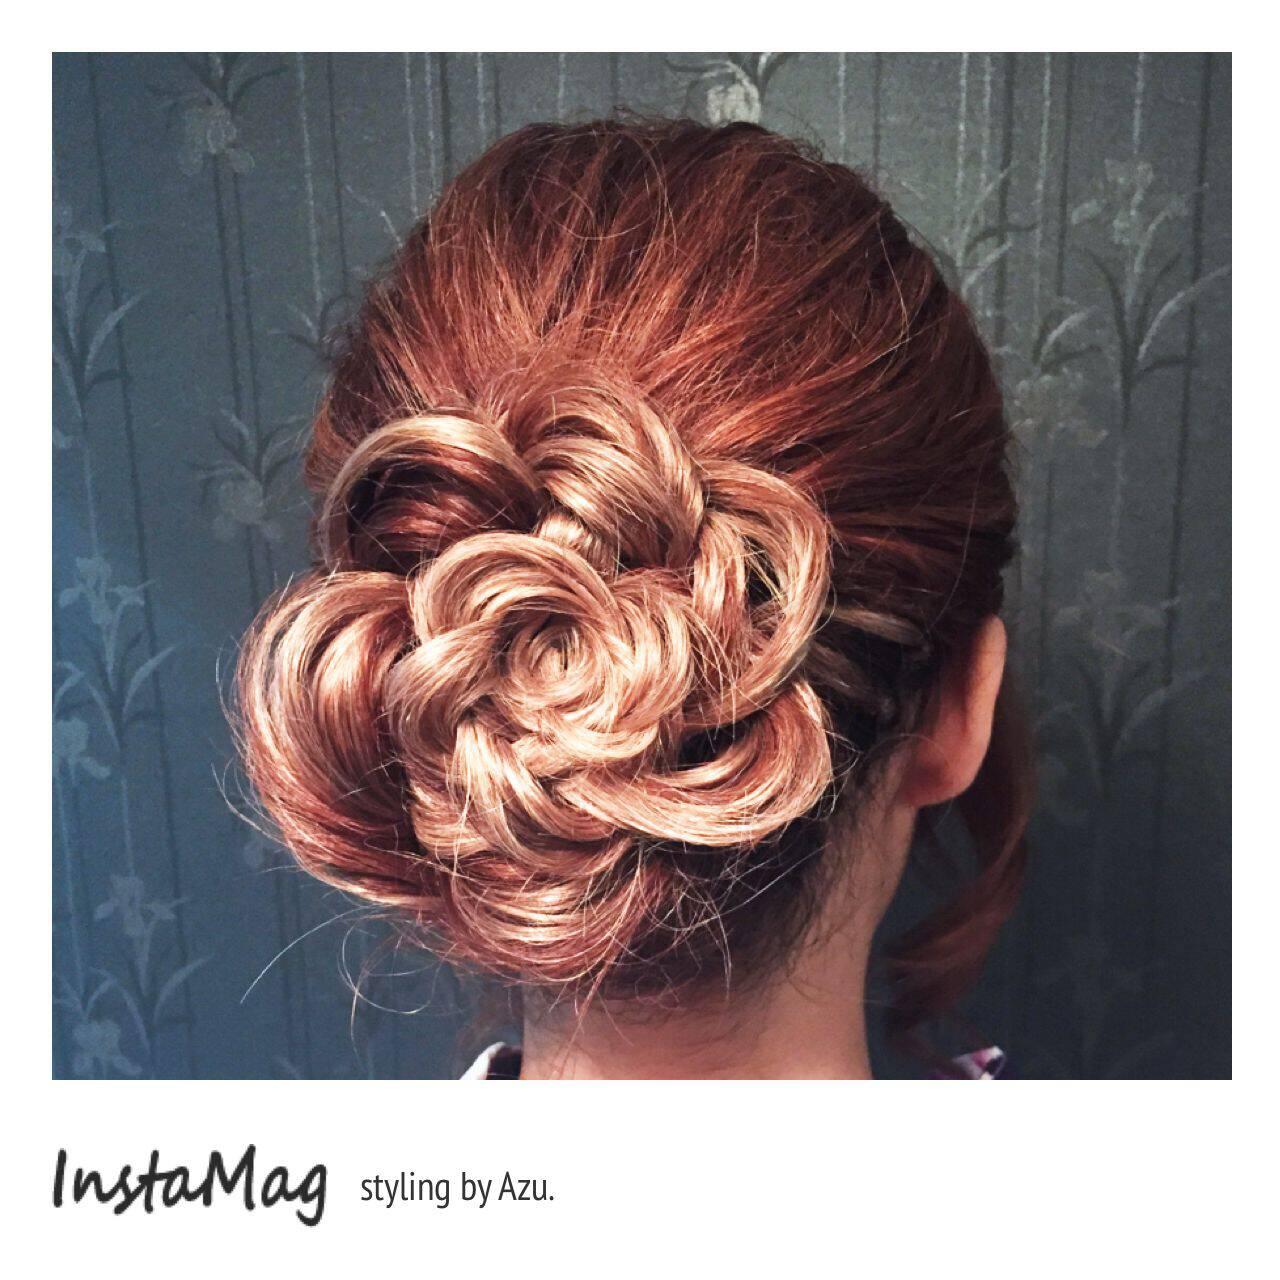 甘め ヘアアレンジ ナチュラル セミロングヘアスタイルや髪型の写真・画像